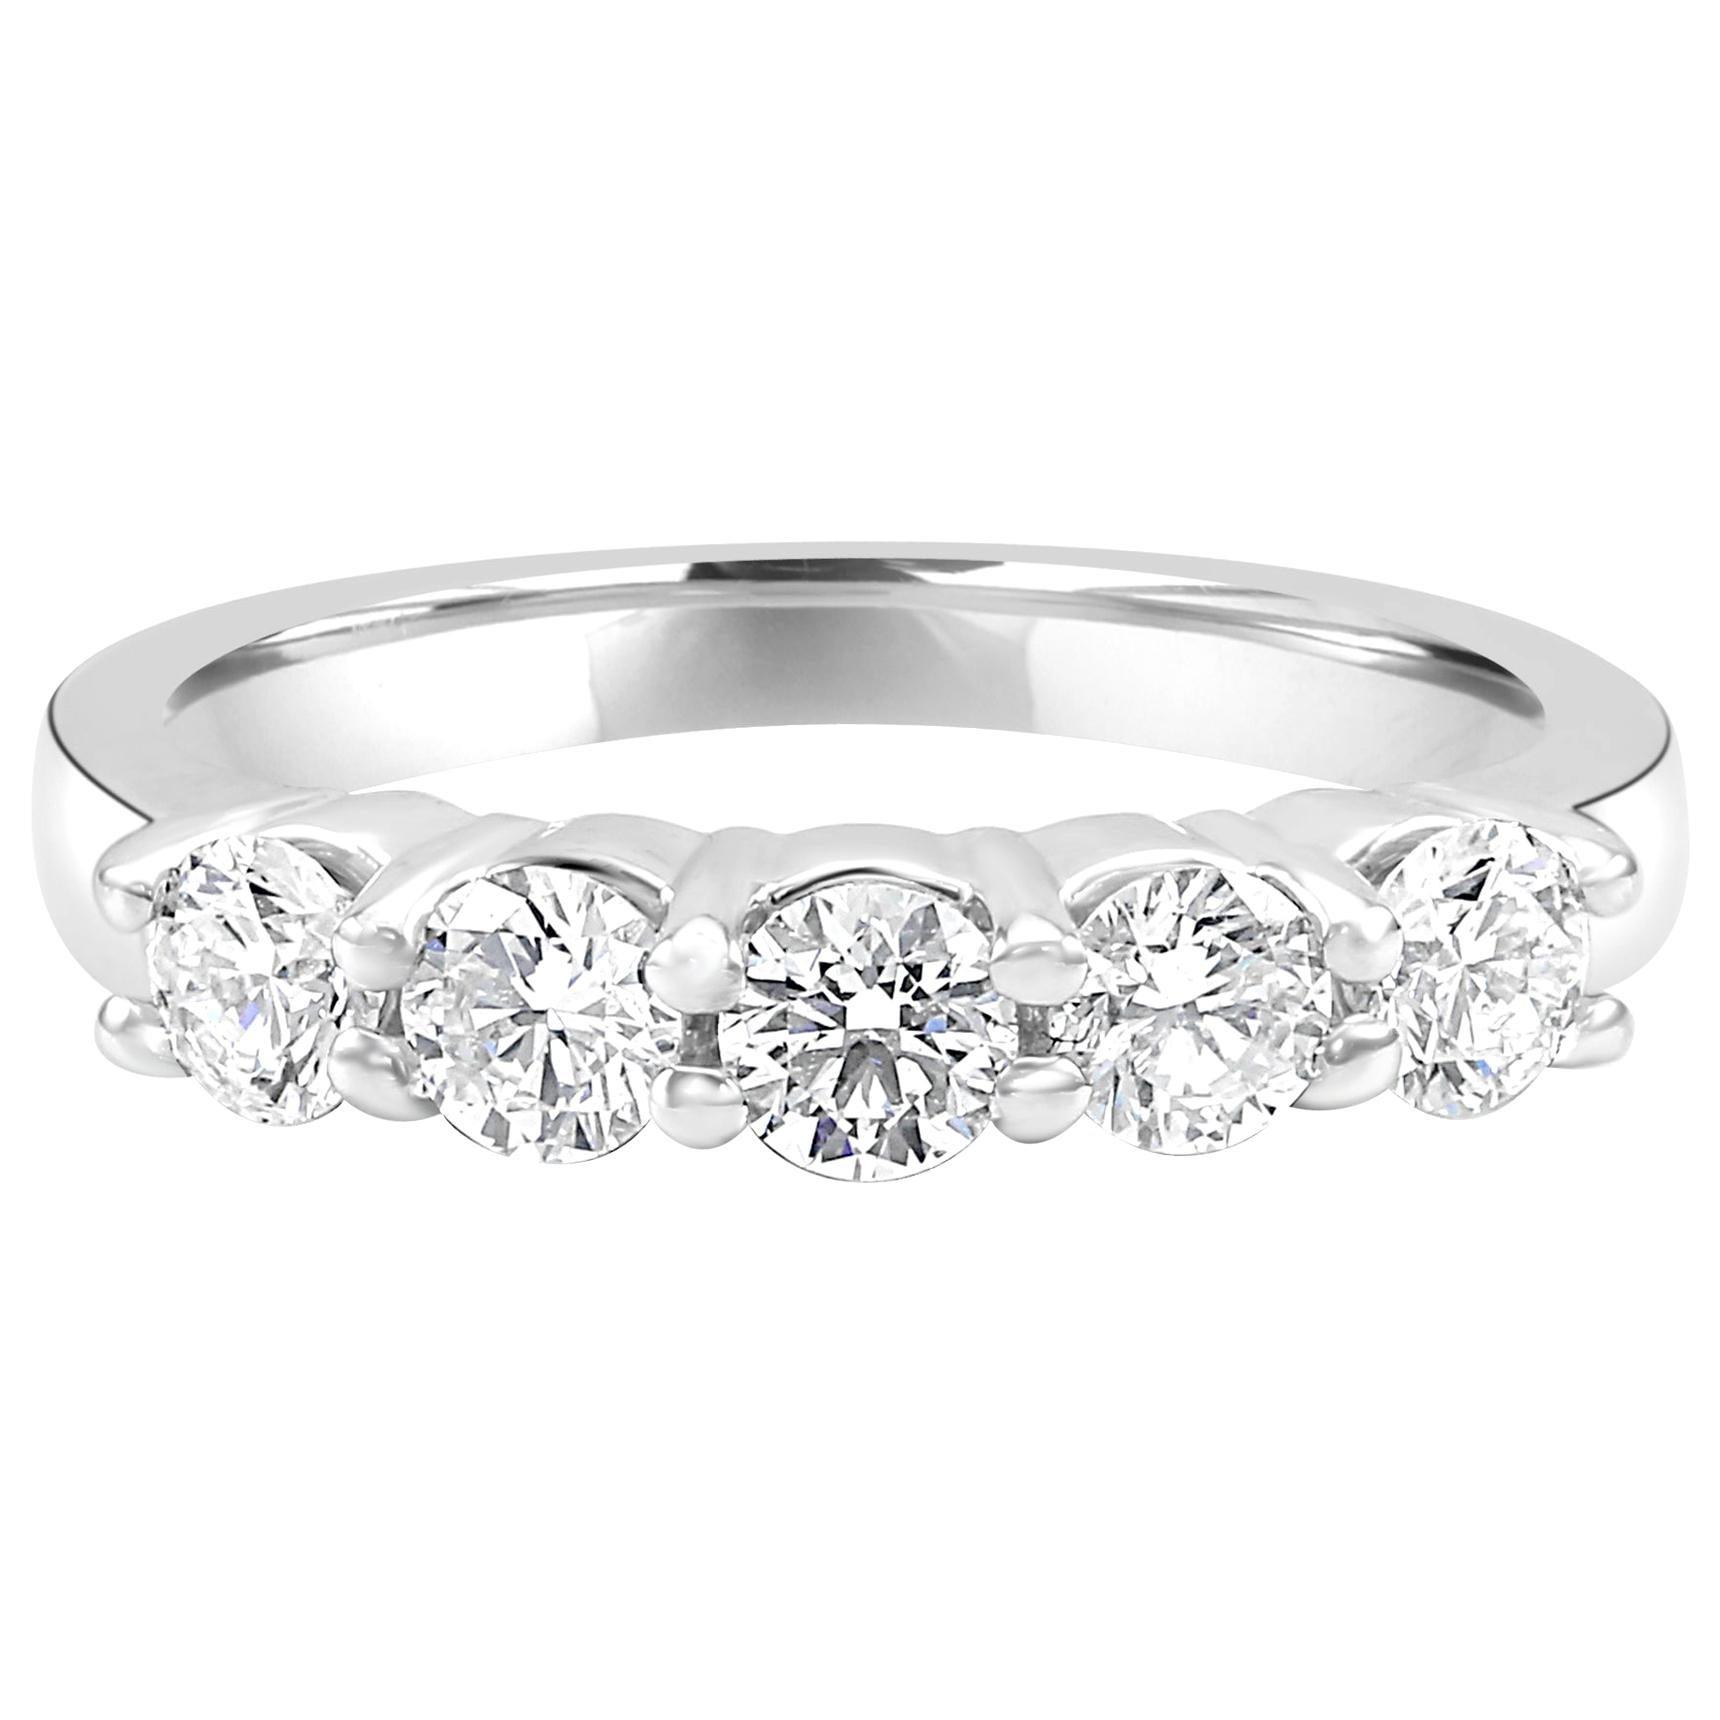 White Round Diamond 5-Stone Fashion Cocktail Gold Band Ring